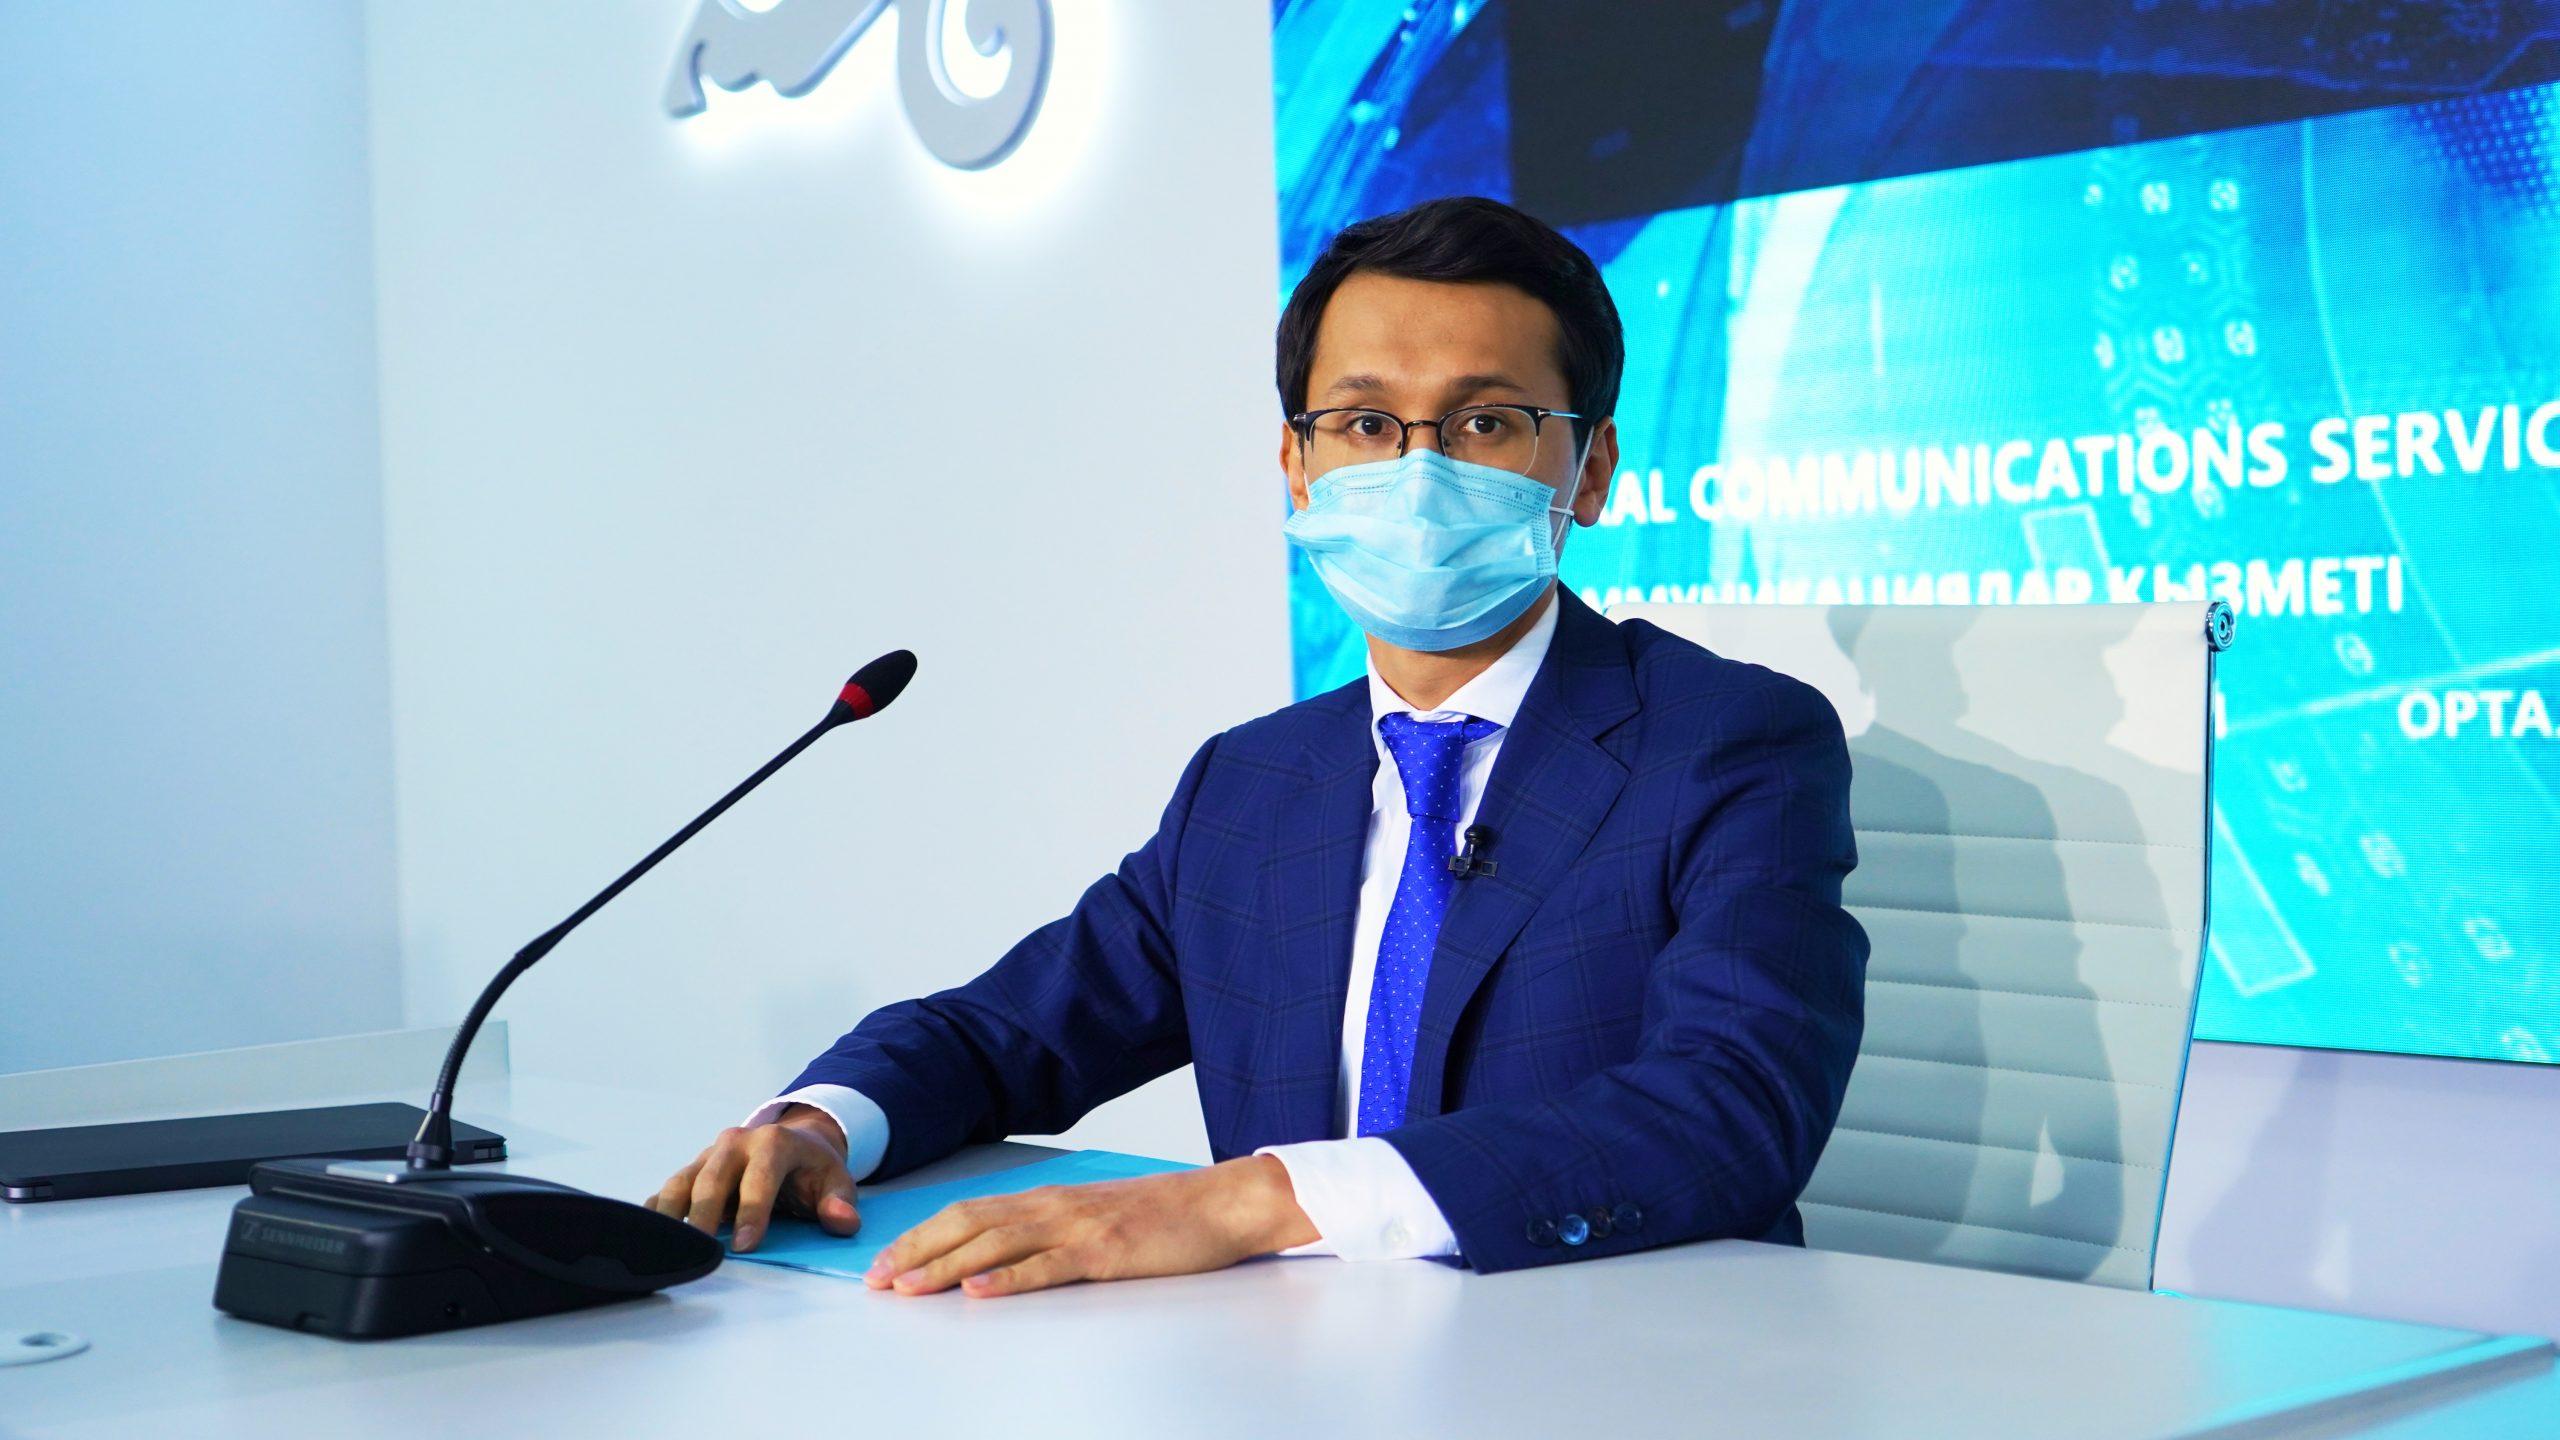 Мусин рекомендовал ЦОН Костаная найти новое здание и улучшить противоэпидемиологические меры